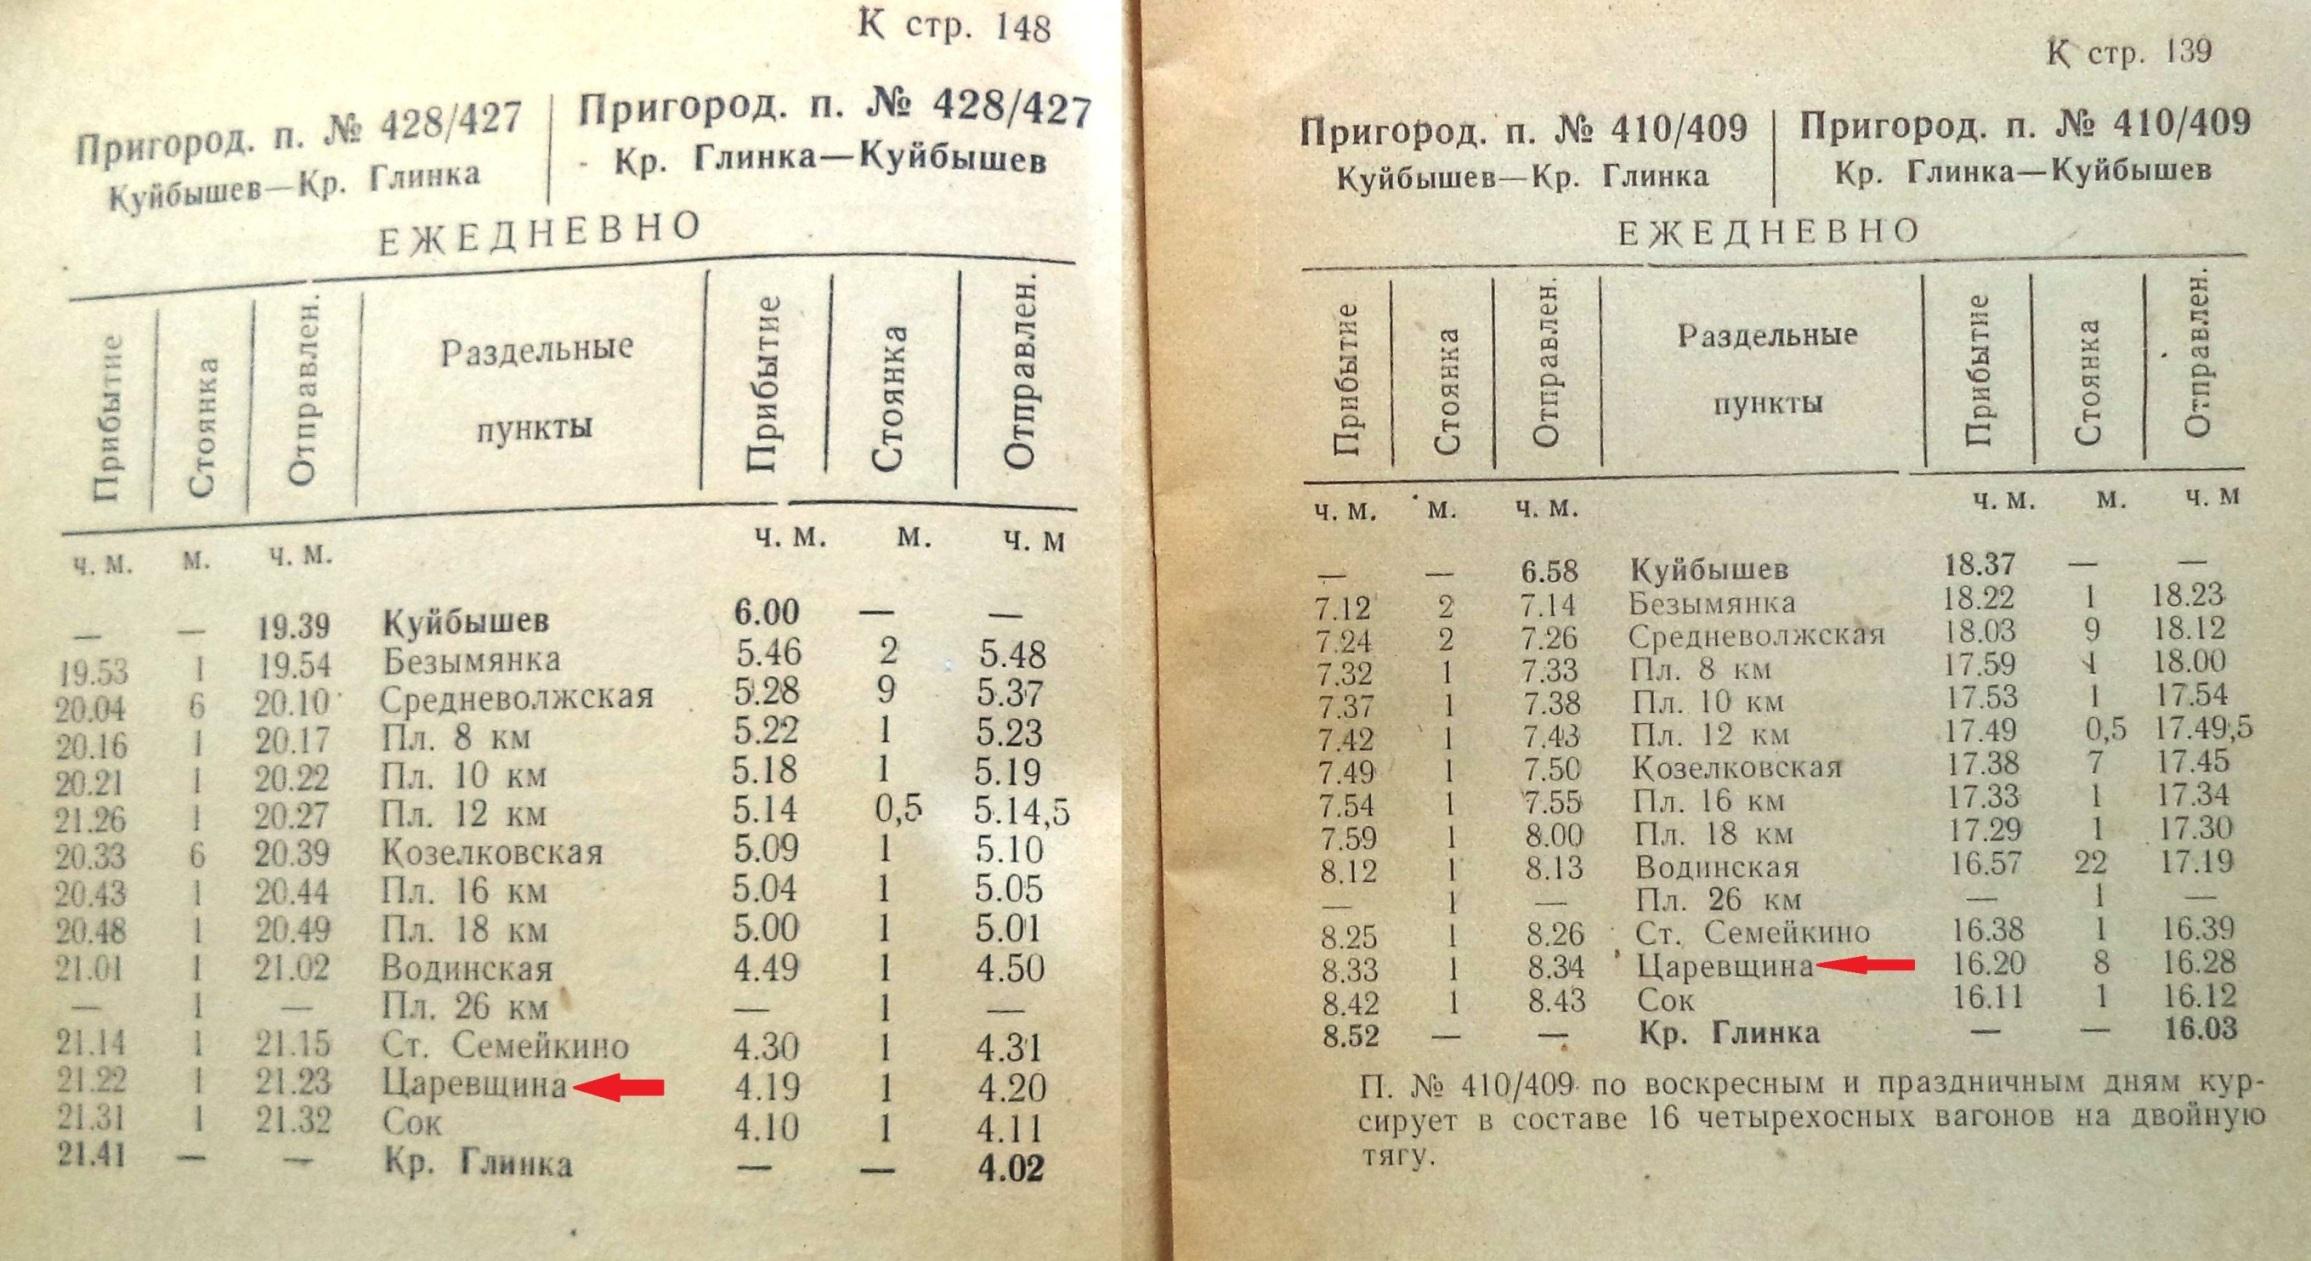 Расписание 1962 года. Куйбышев - Красная Глинка.